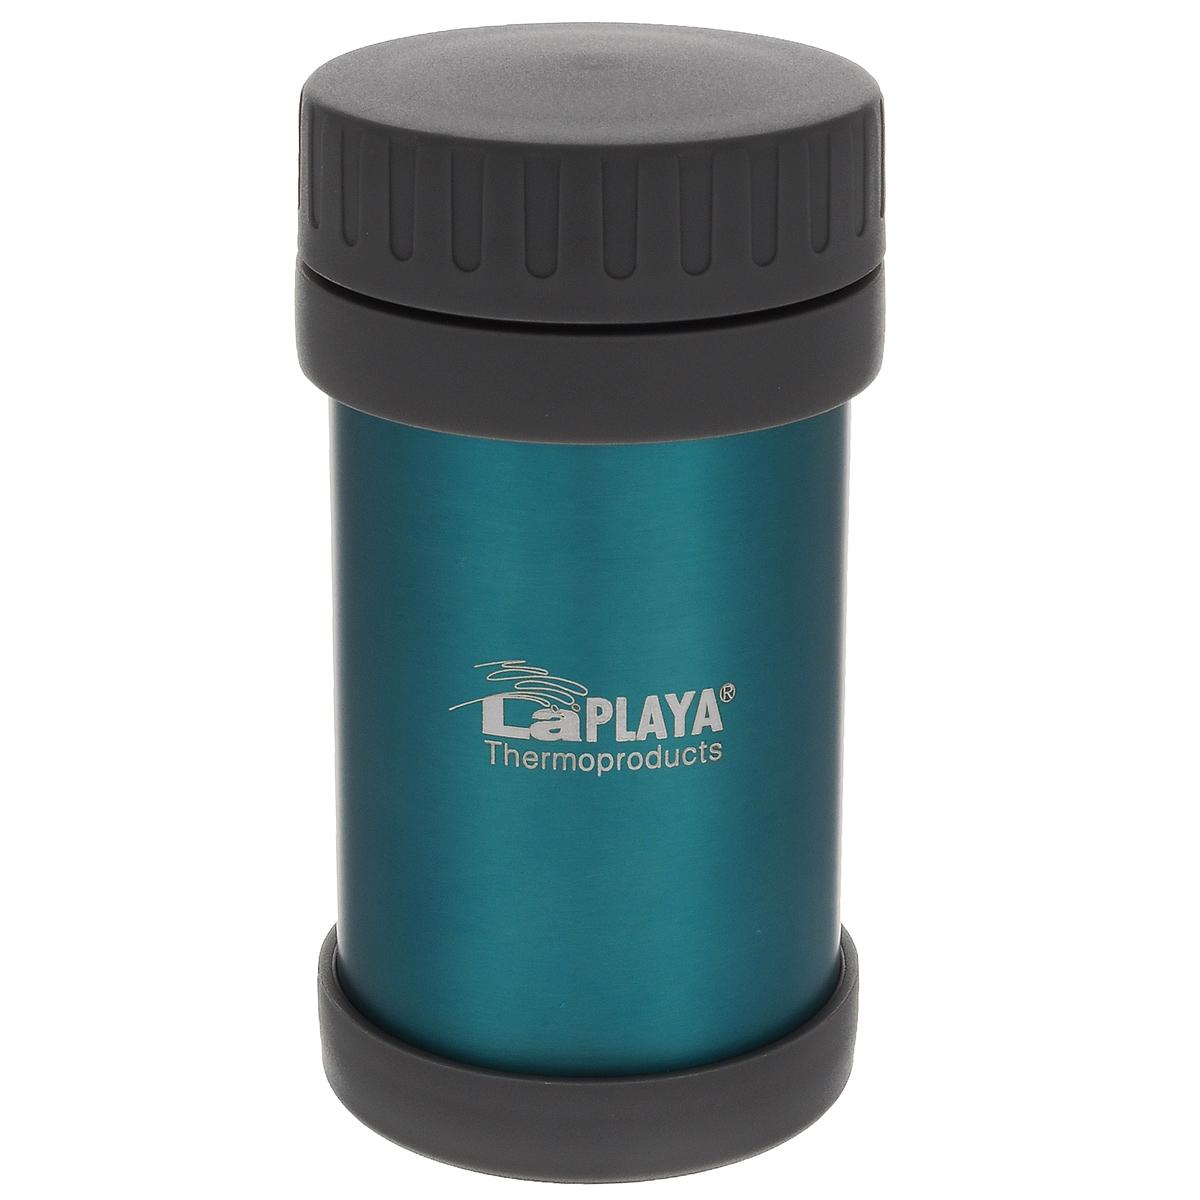 Термос LaPlaya JMG, цвет: бирюзовый, 500 млVT-1520(SR)Термос LaPlaya JMG изготовлен из высококачественной нержавеющей стали 18/8 и пластика. Термос с двухстеночной вакуумной изоляцией, предназначенный для хранения горячих и холодных продуктов, сохраняет их до 6 часов горячими и холодными в течении 8 часов. Термос очень легкий, имеет широкое горло и закрывается герметичной крышкой.Идеально подходит для напитков, а также первых и вторых блюд.Высота: 16,5 см.Диаметр горлышка: 7 см.